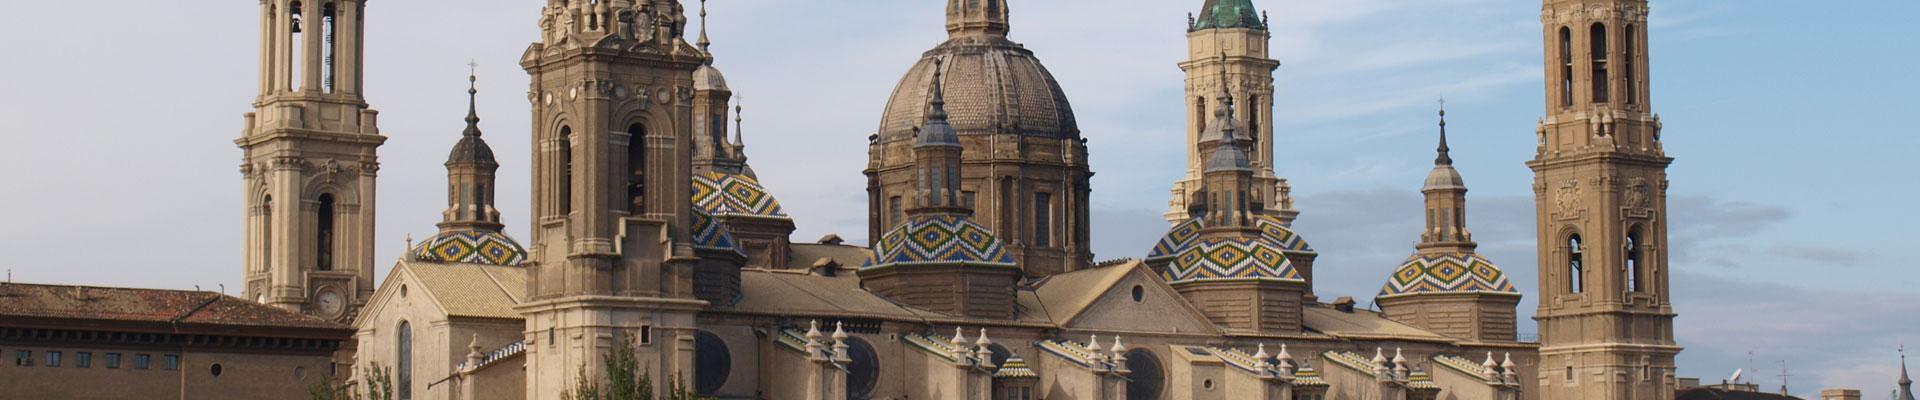 Tourism Zaragoza